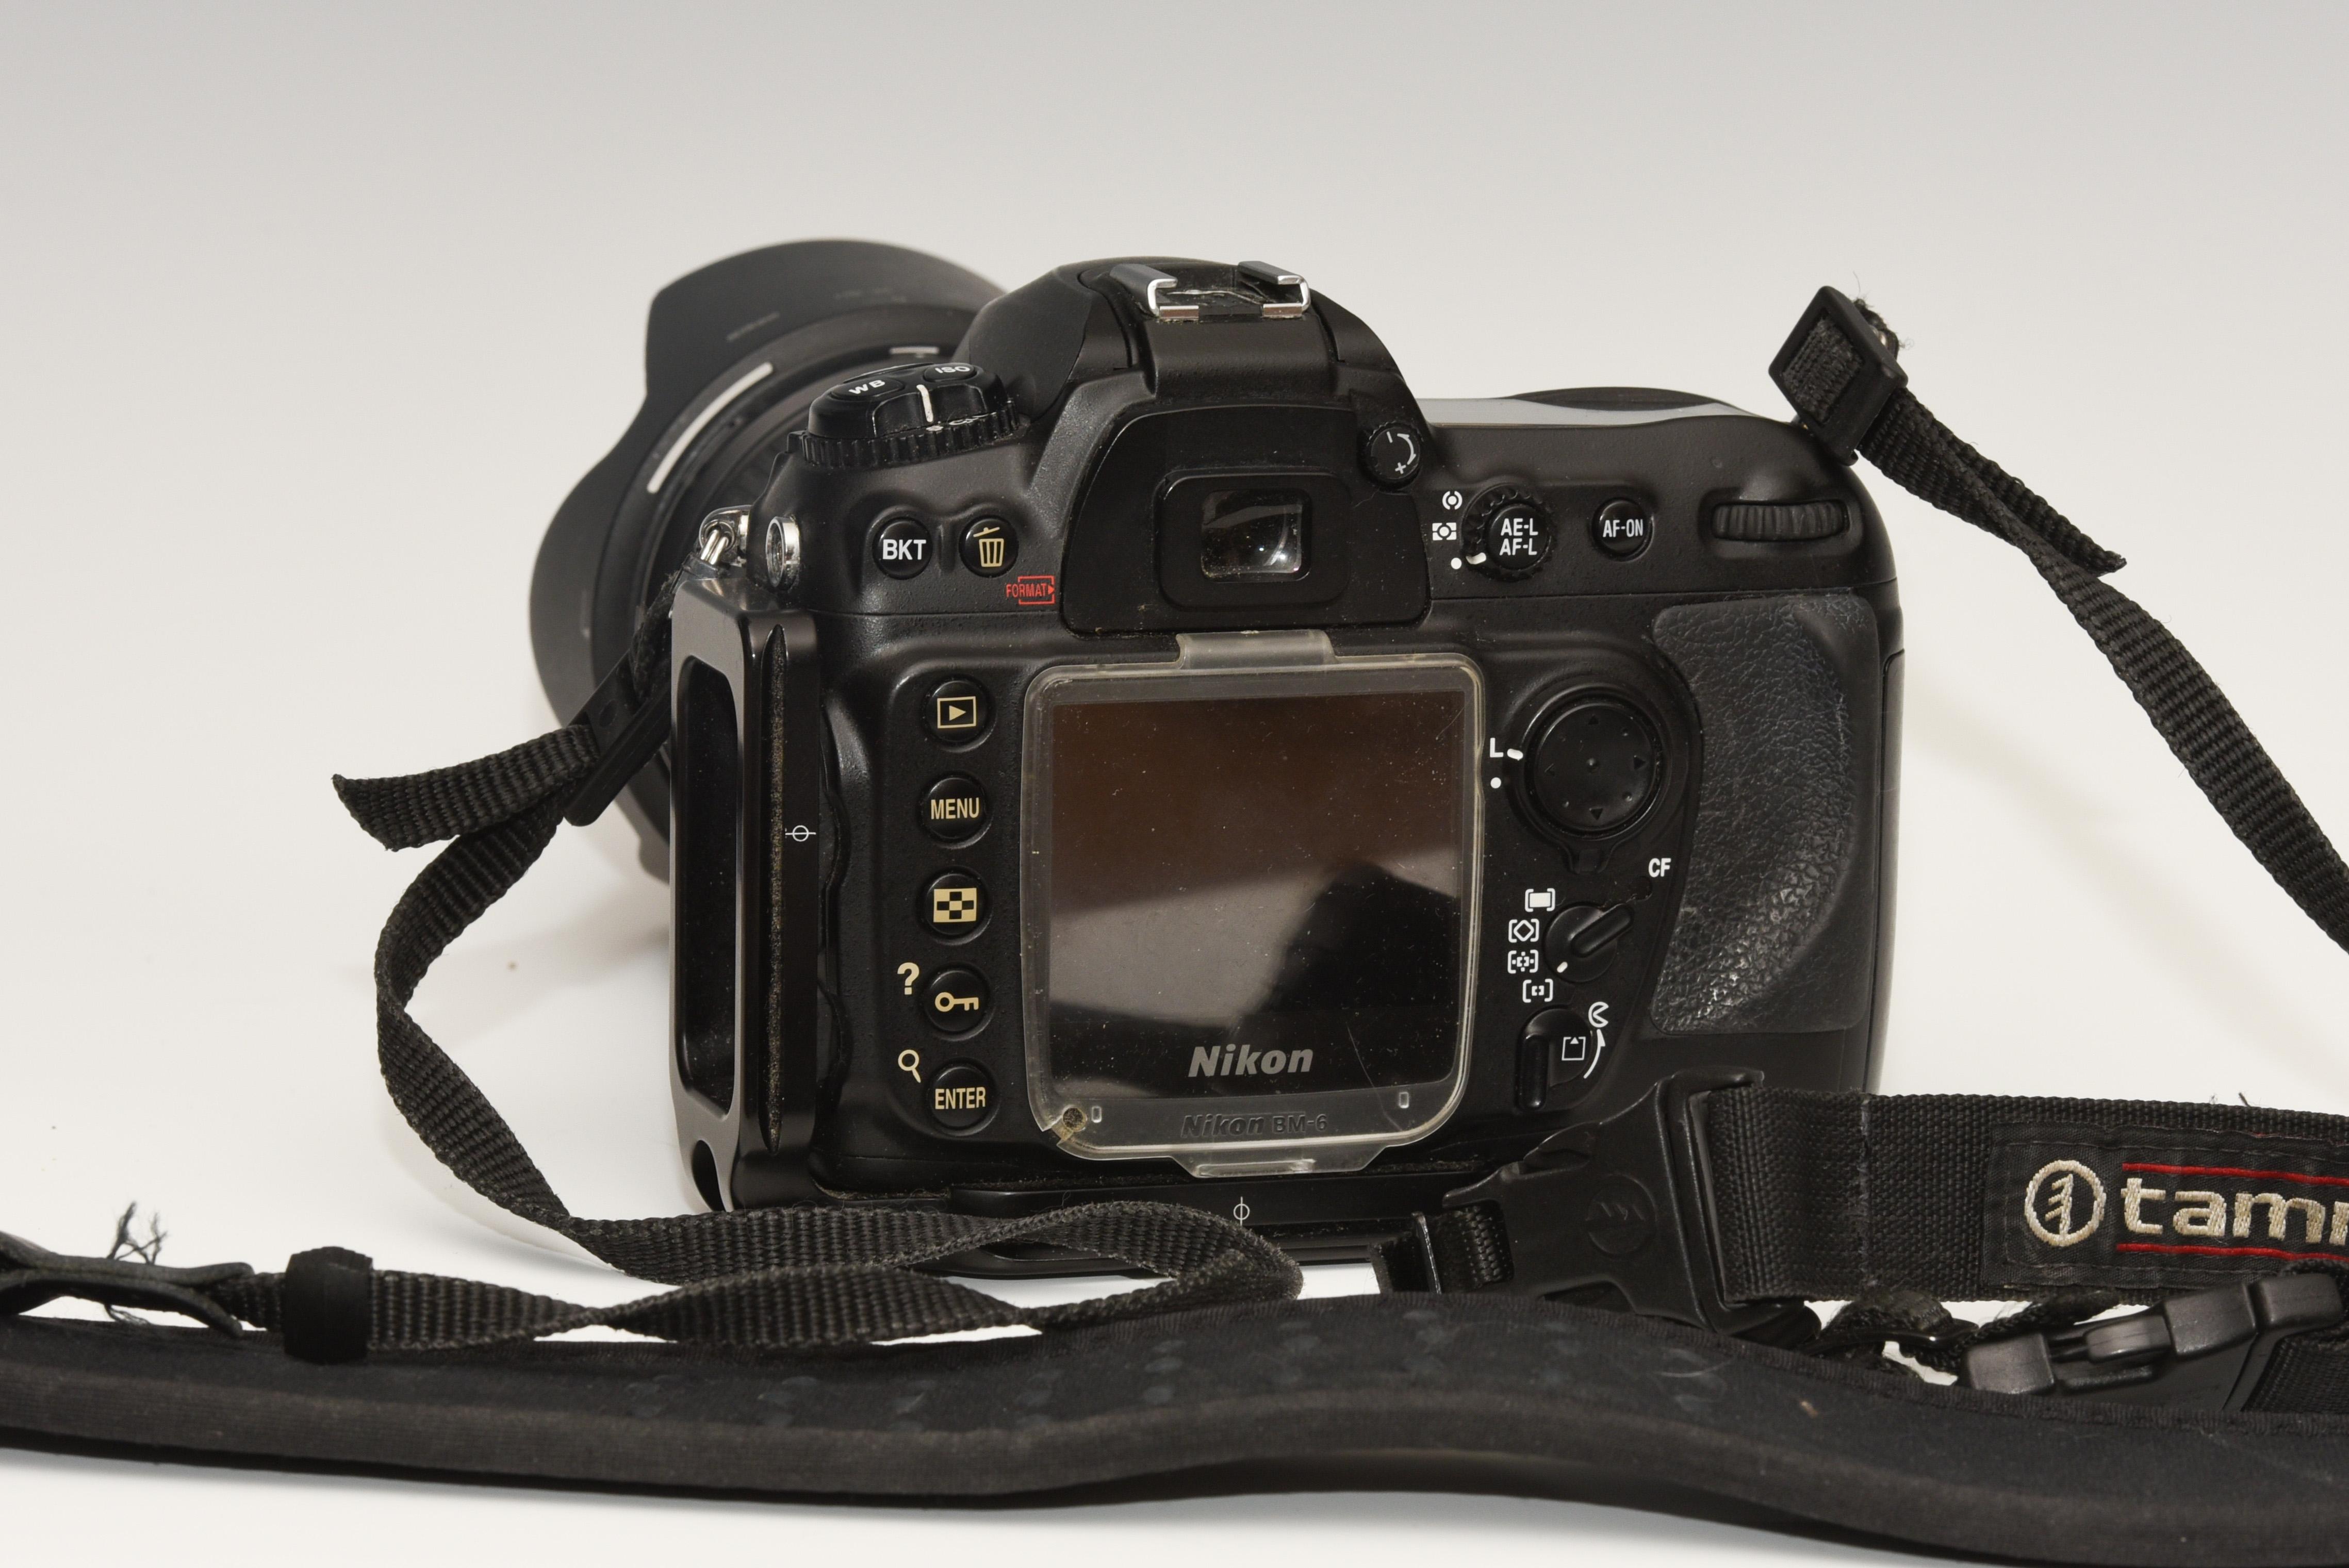 Nikon D200 Back View